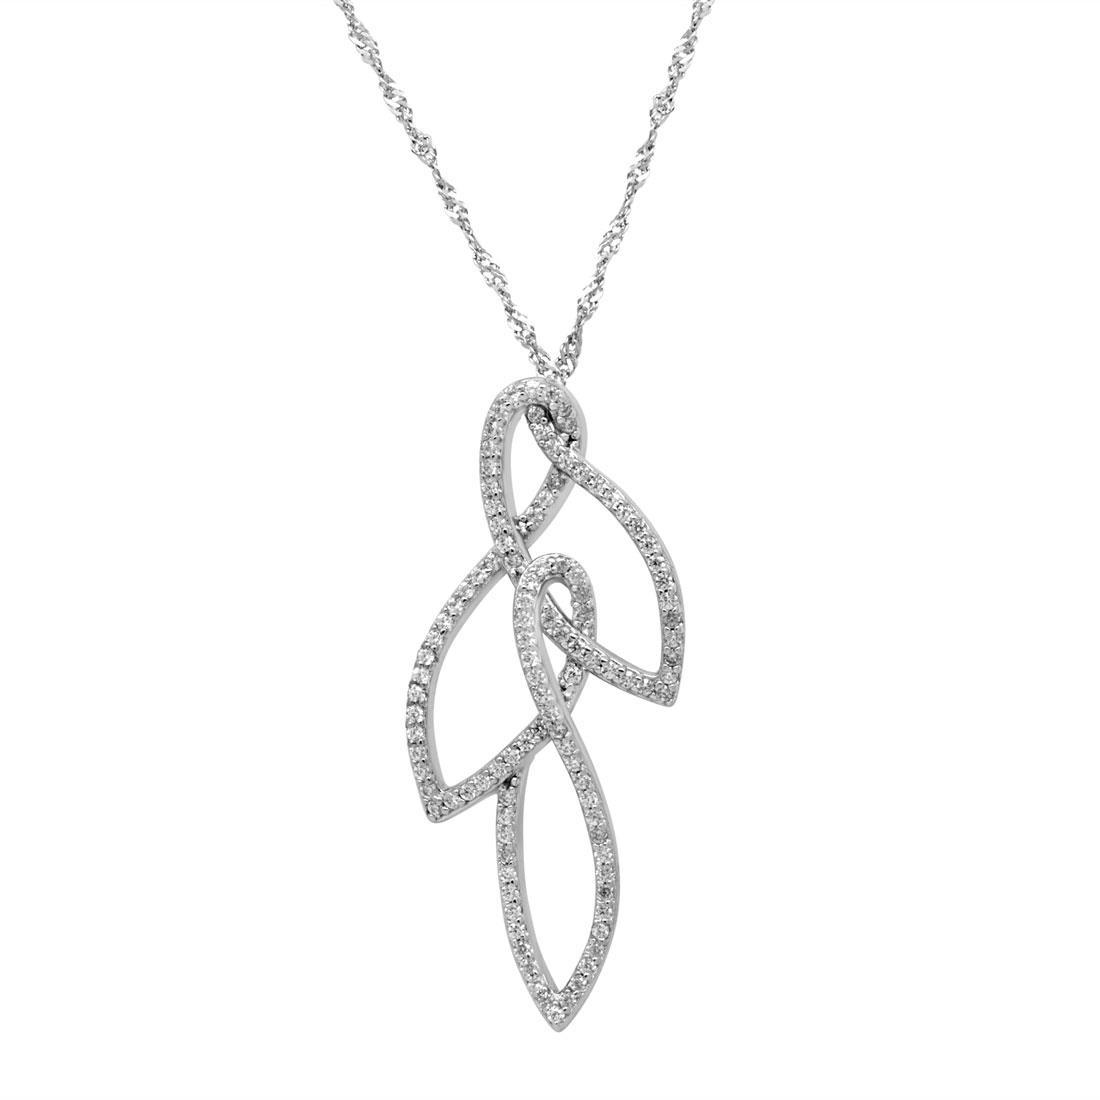 Collana in argento con zirconi - MORELLATO